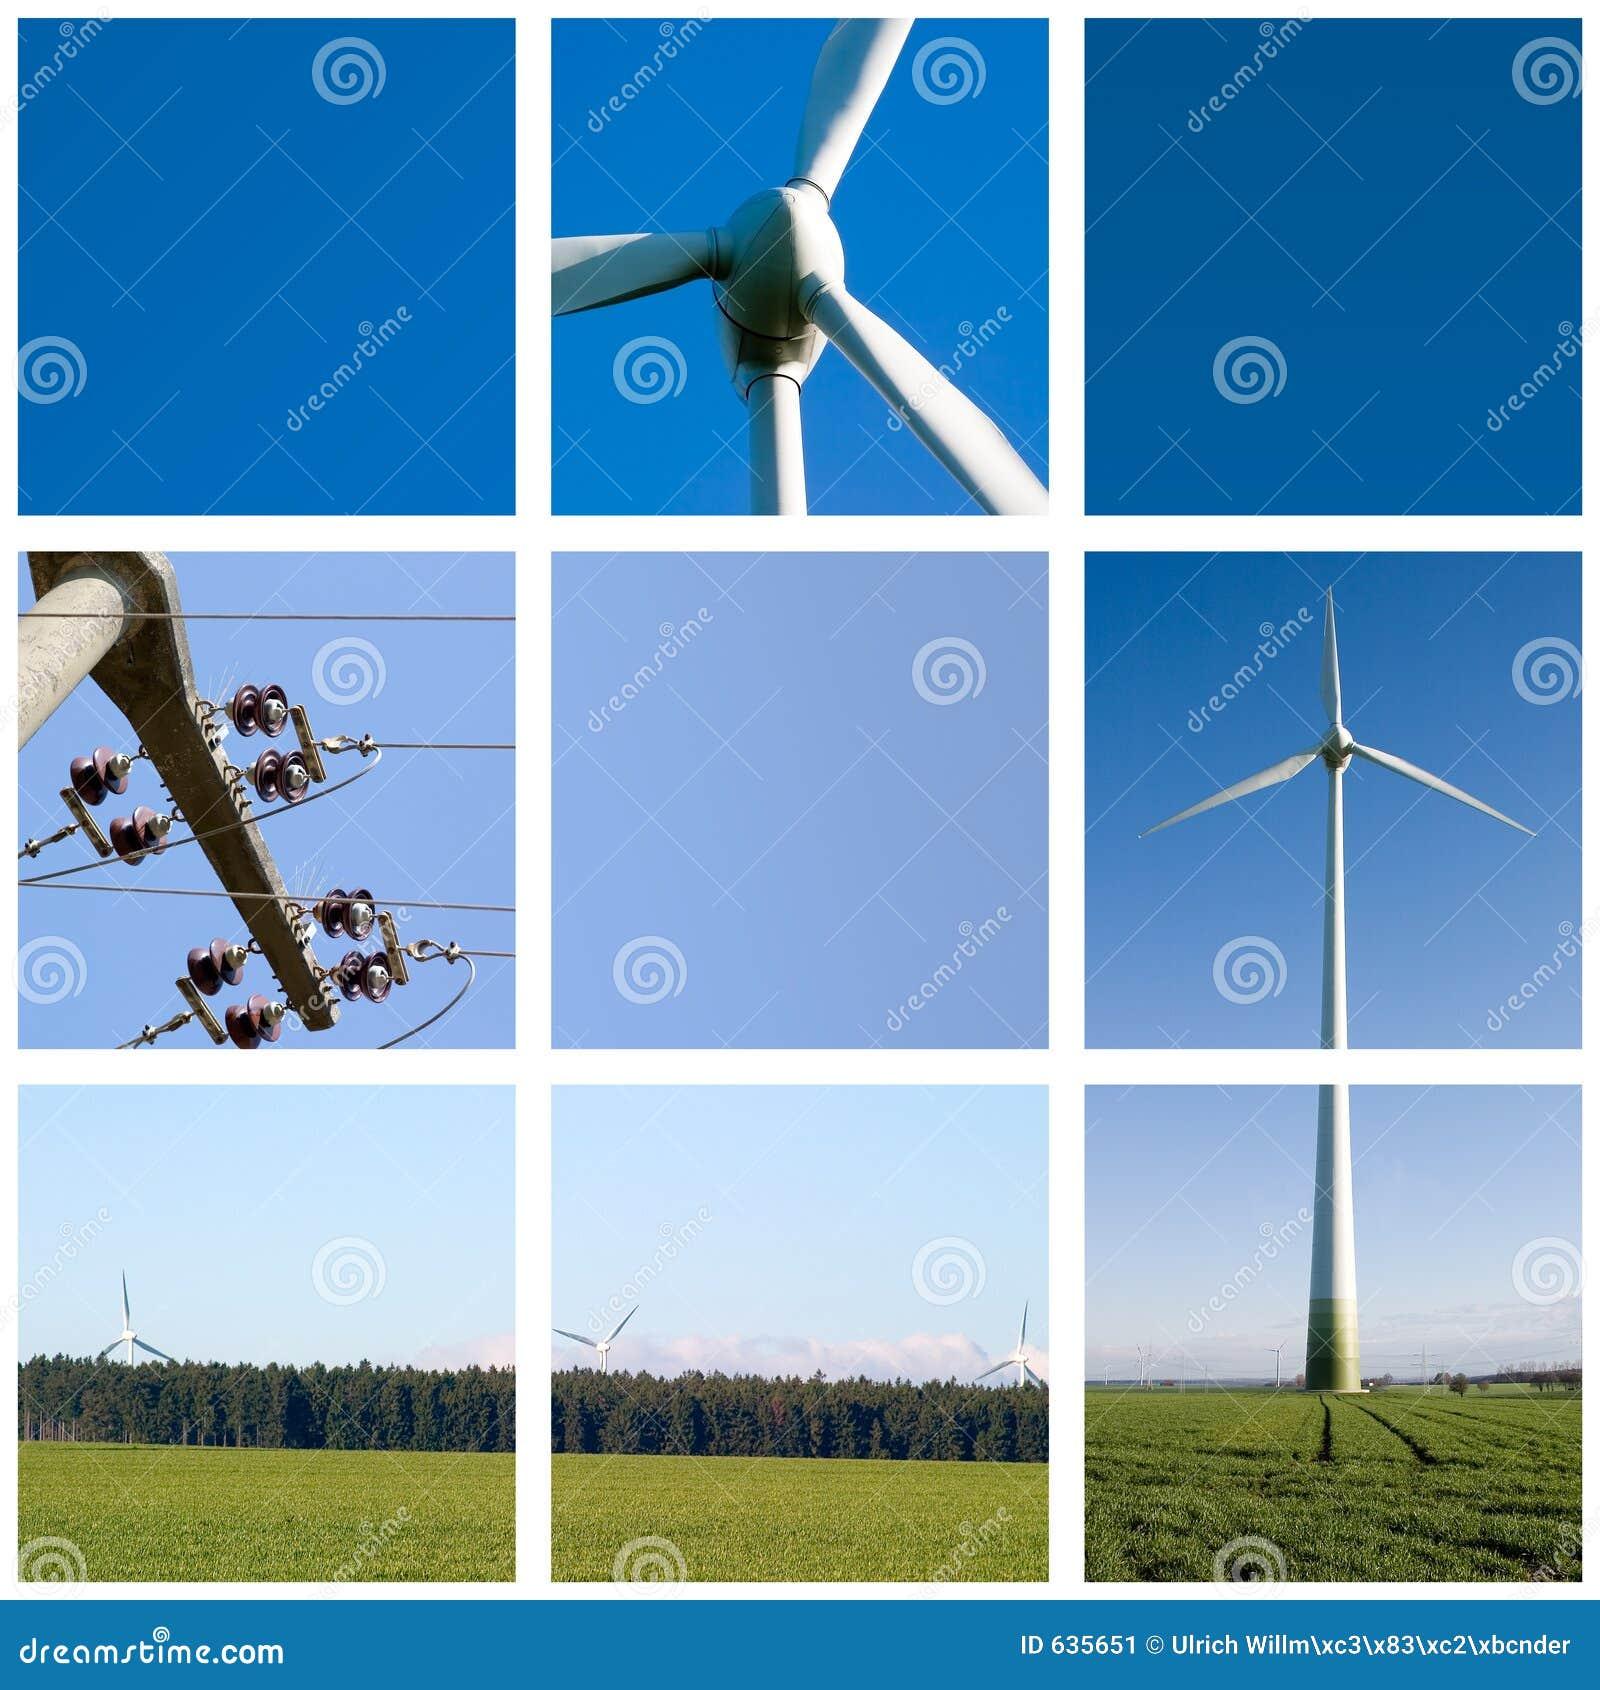 Red de la energía eólica